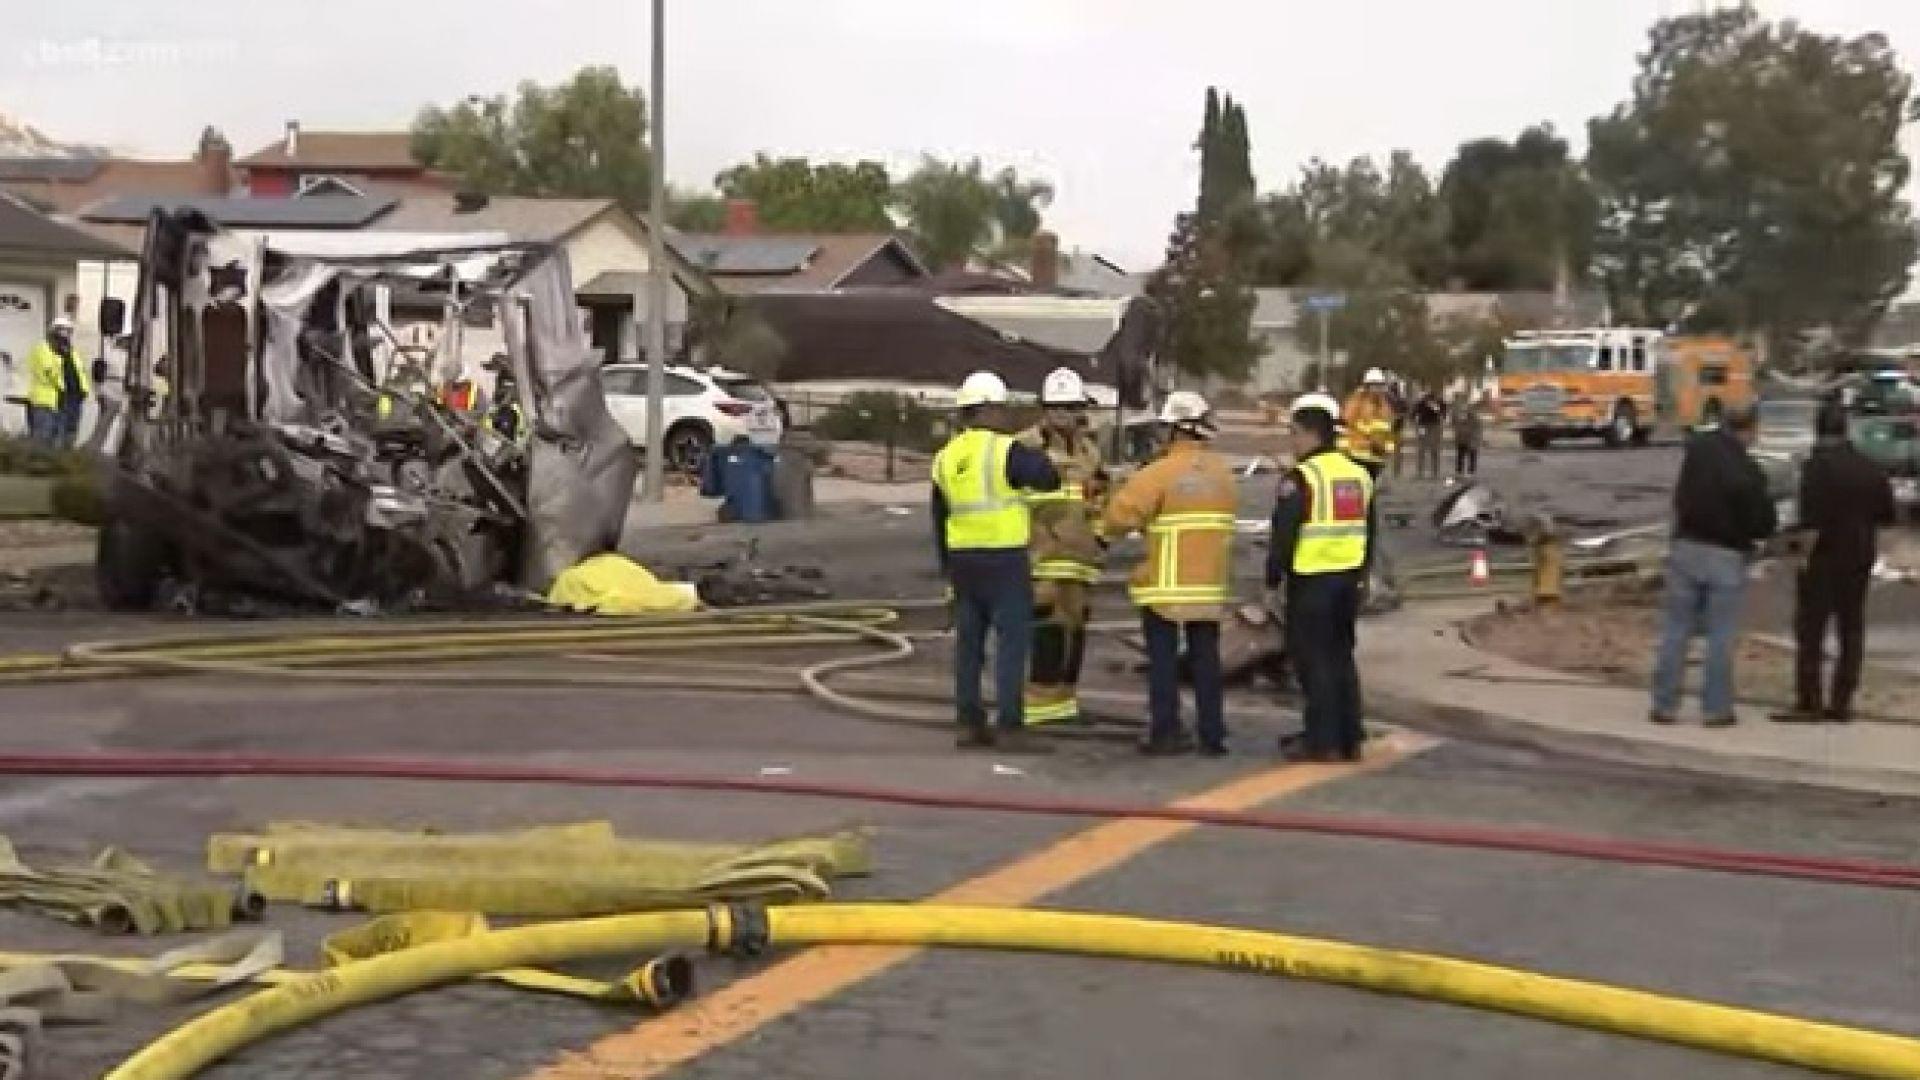 Самолет се разби в Сан Диего, има жертви и ранени, изгоряха къщи и коли (снимки/видео)